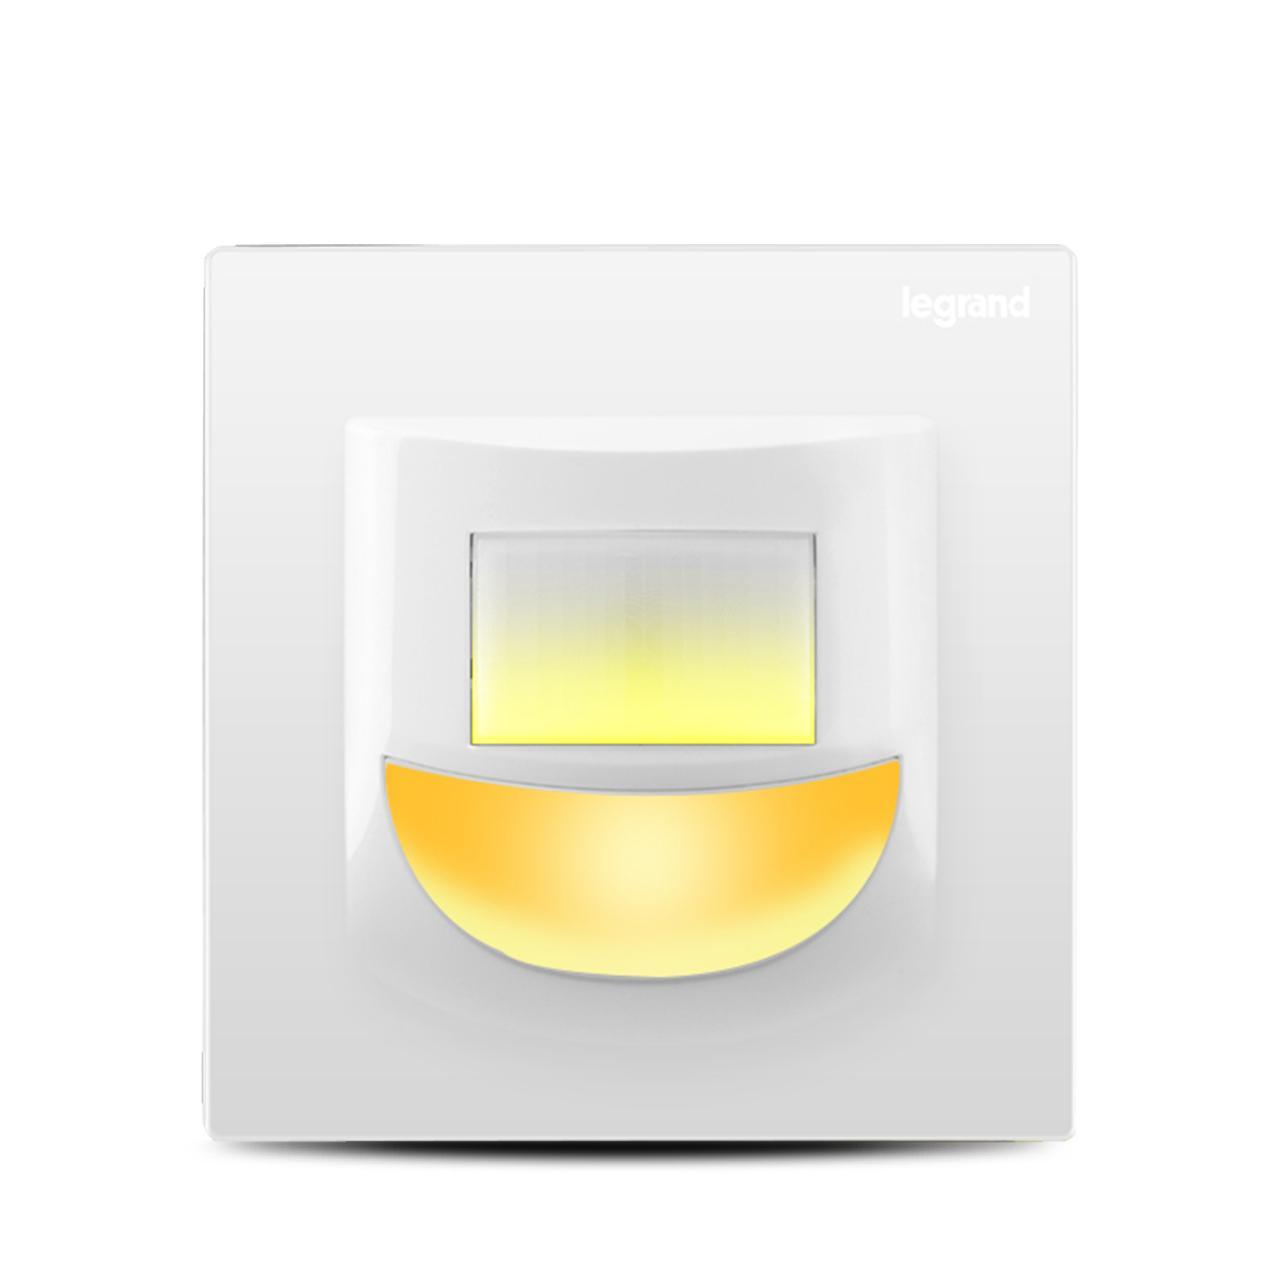 التعريفي مصباح التبديل الصوت التبديل الدرج الفندق الحارة الأصفر لوحة التبديل مصباح جزءا لا يتجزأ من شعور الإنسان التحكم 86